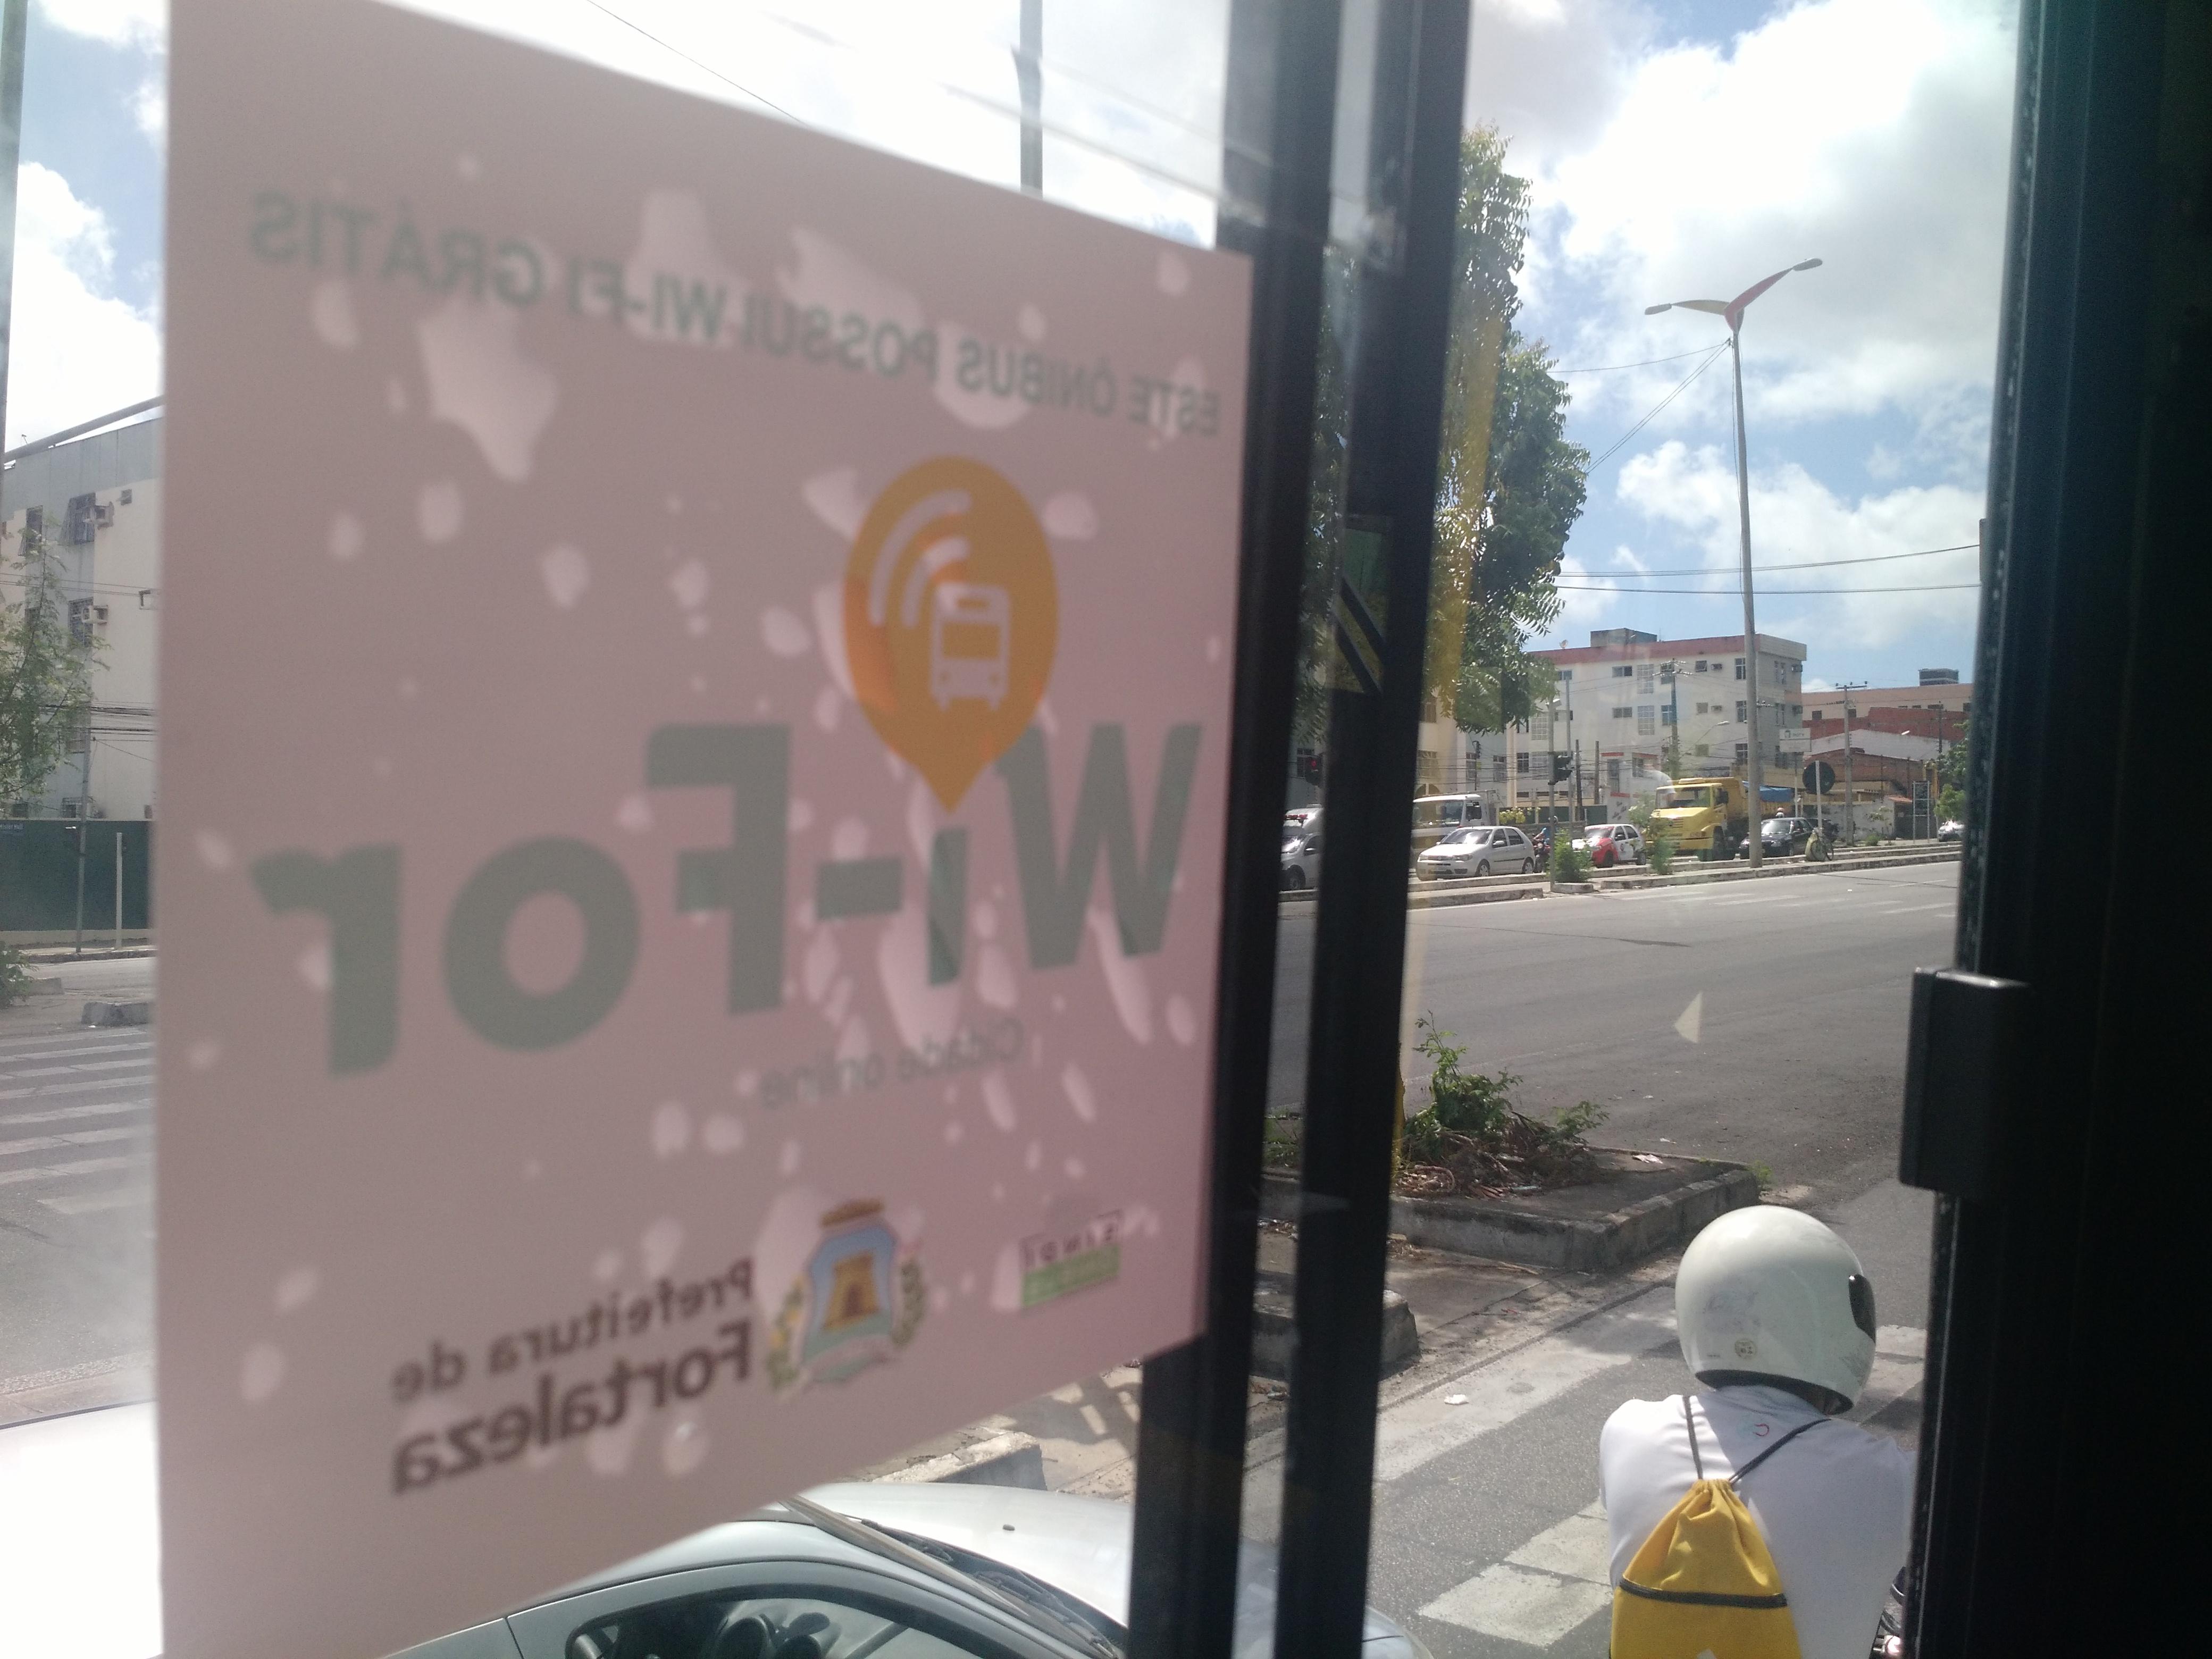 Uso do Wi-Fi nos ônibus de Fortaleza esbarra no medo de roubos e na desinformação